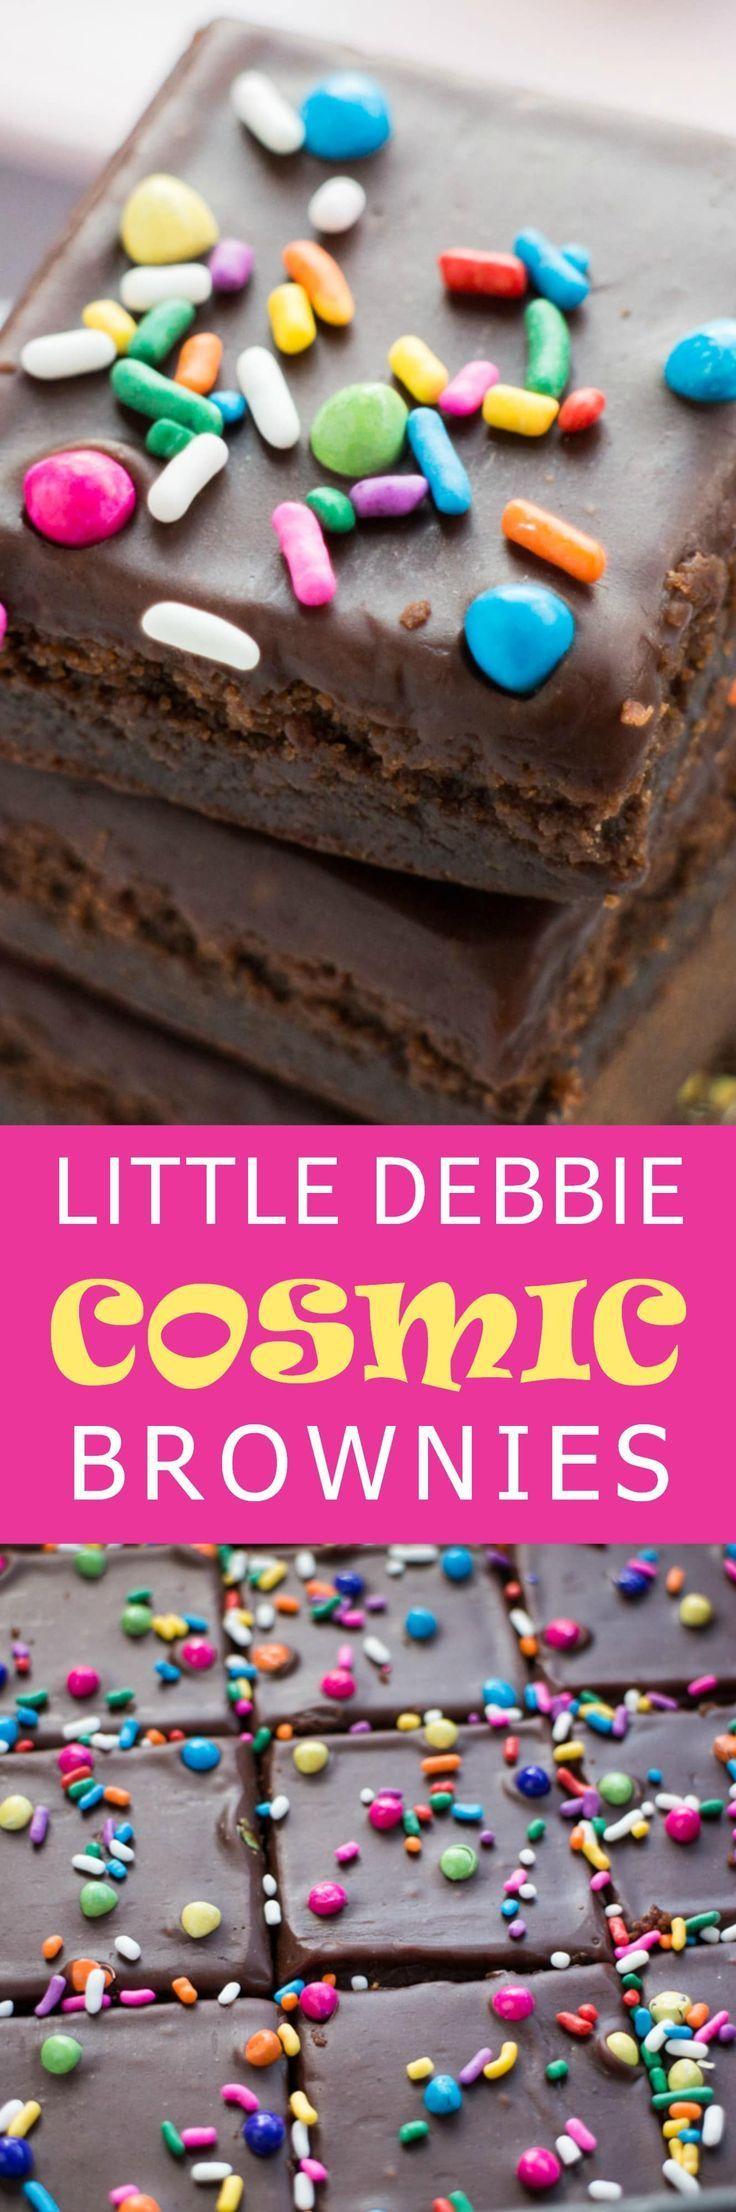 Homemade copycat little debbie cosmic brownies just like